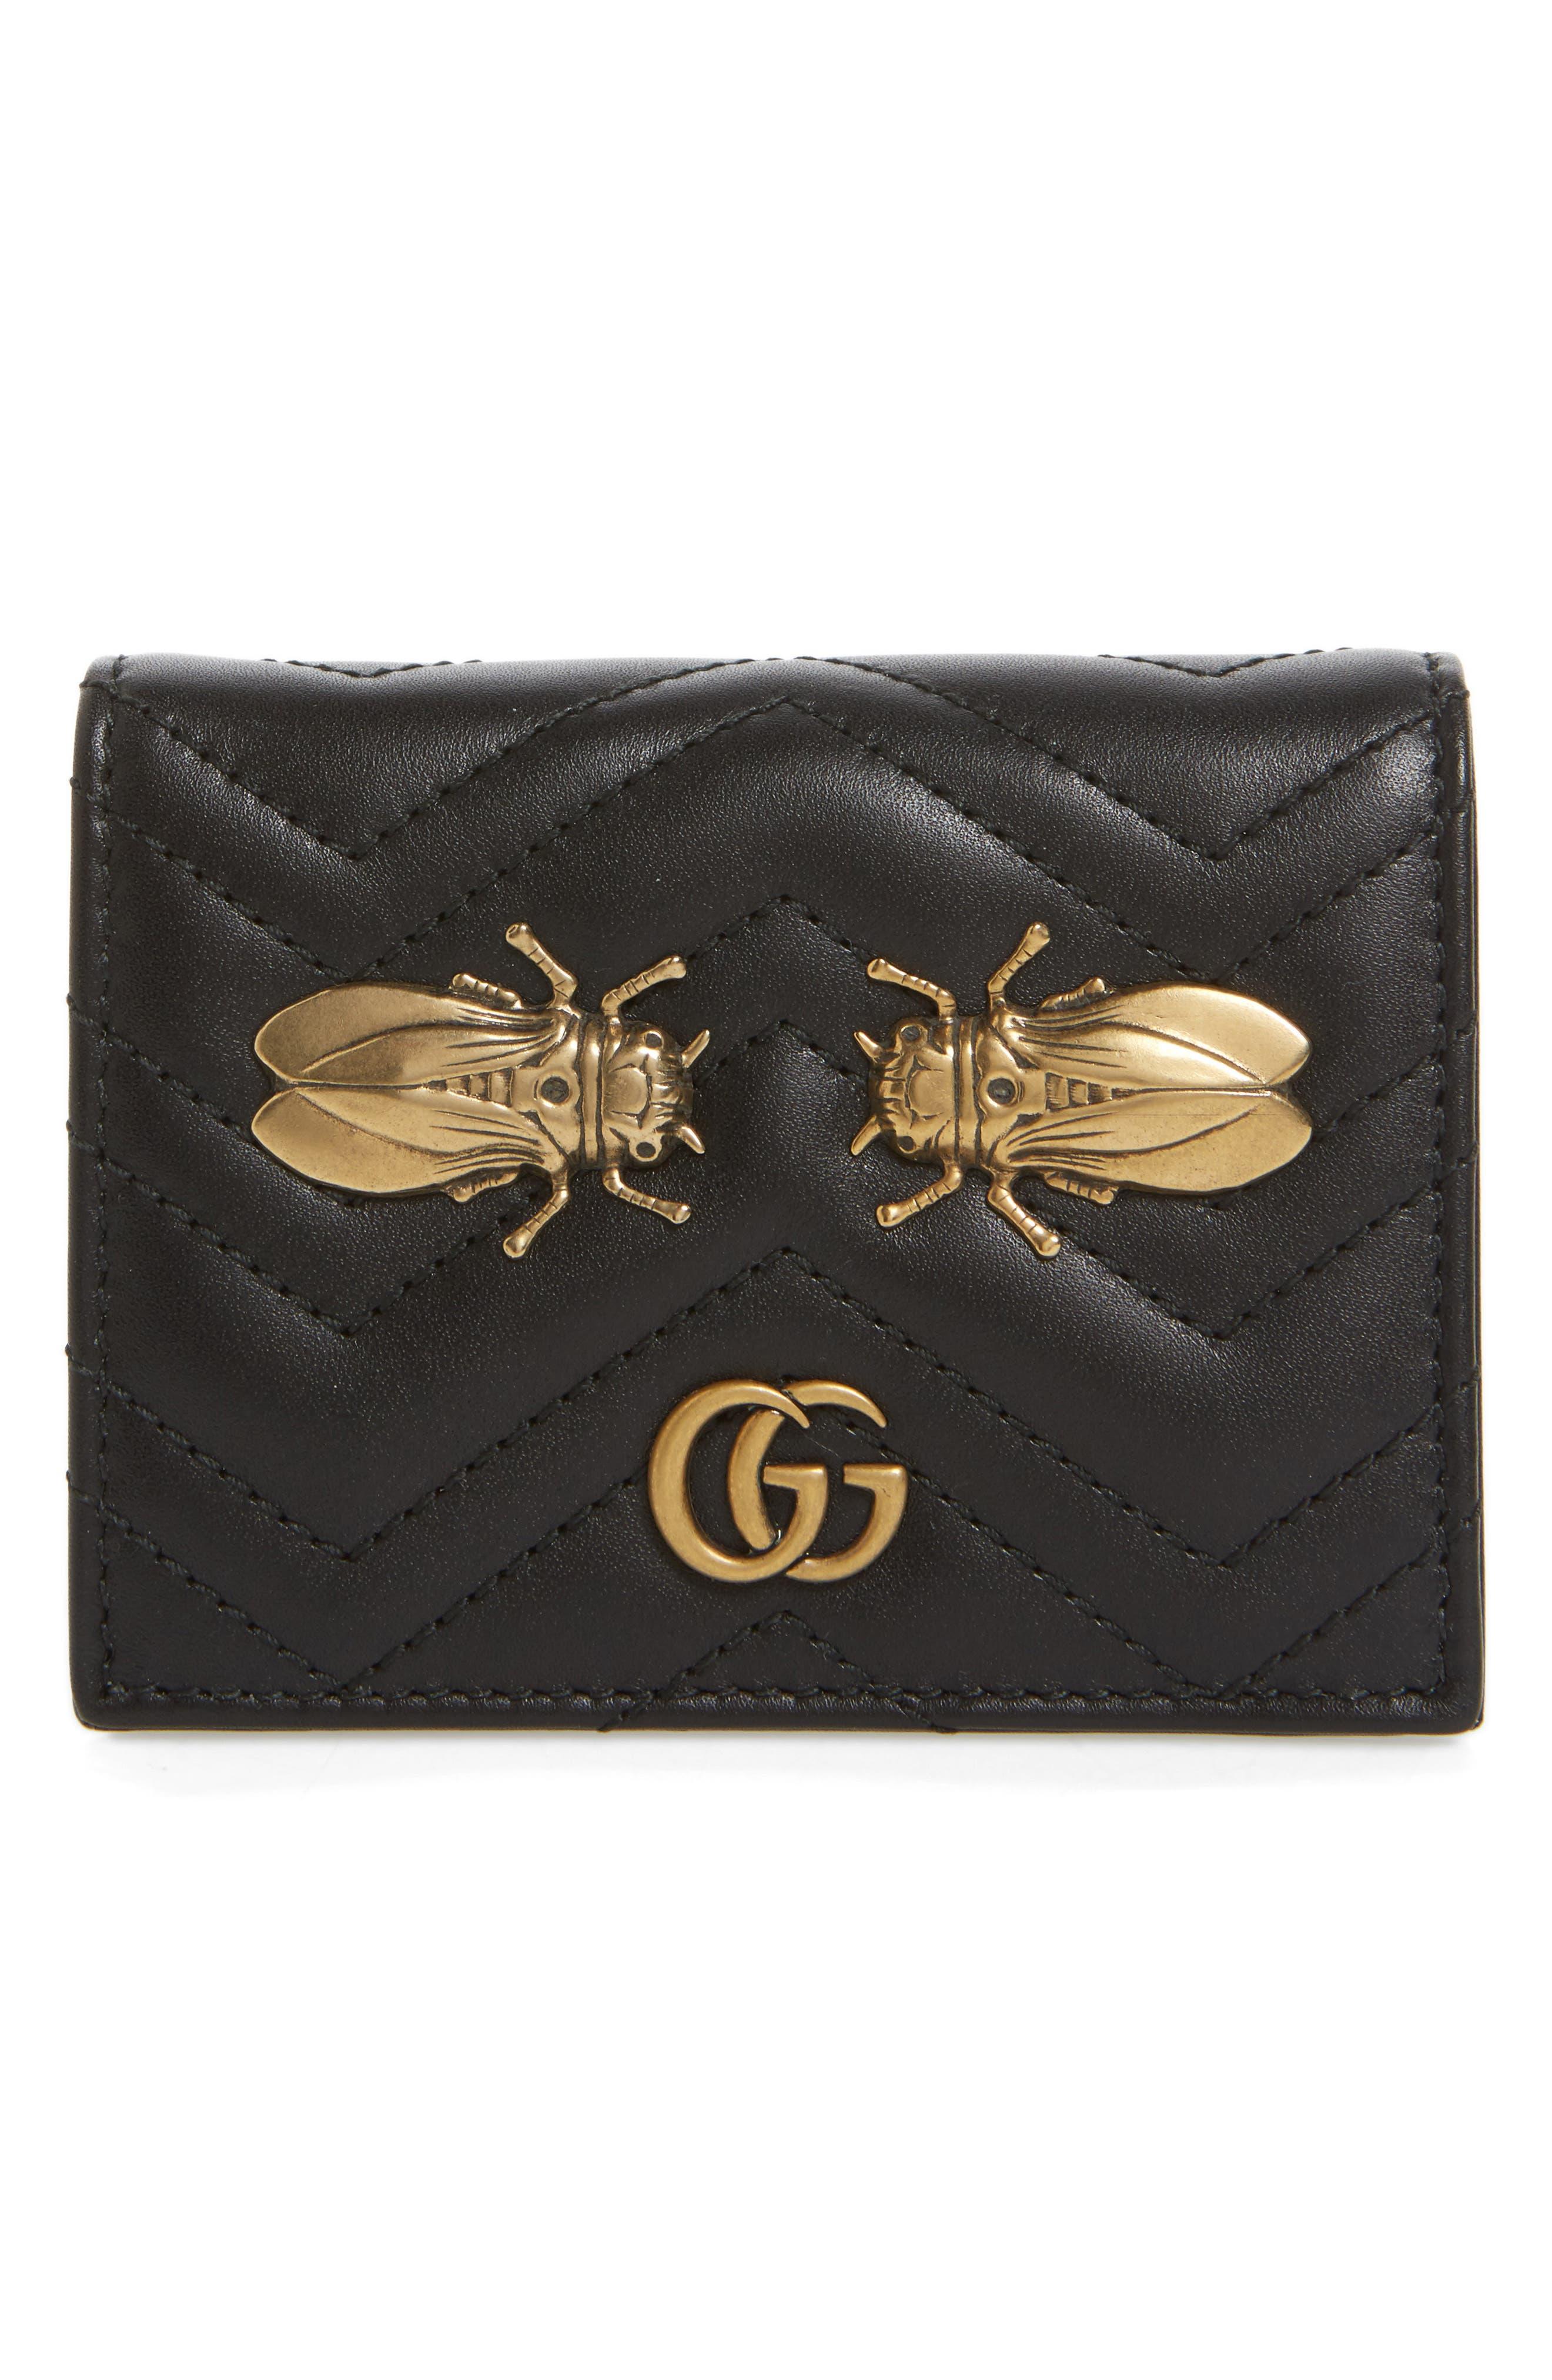 GG Marmont 2.0 Moth Matelassé Leather Card Case,                             Main thumbnail 1, color,                             001